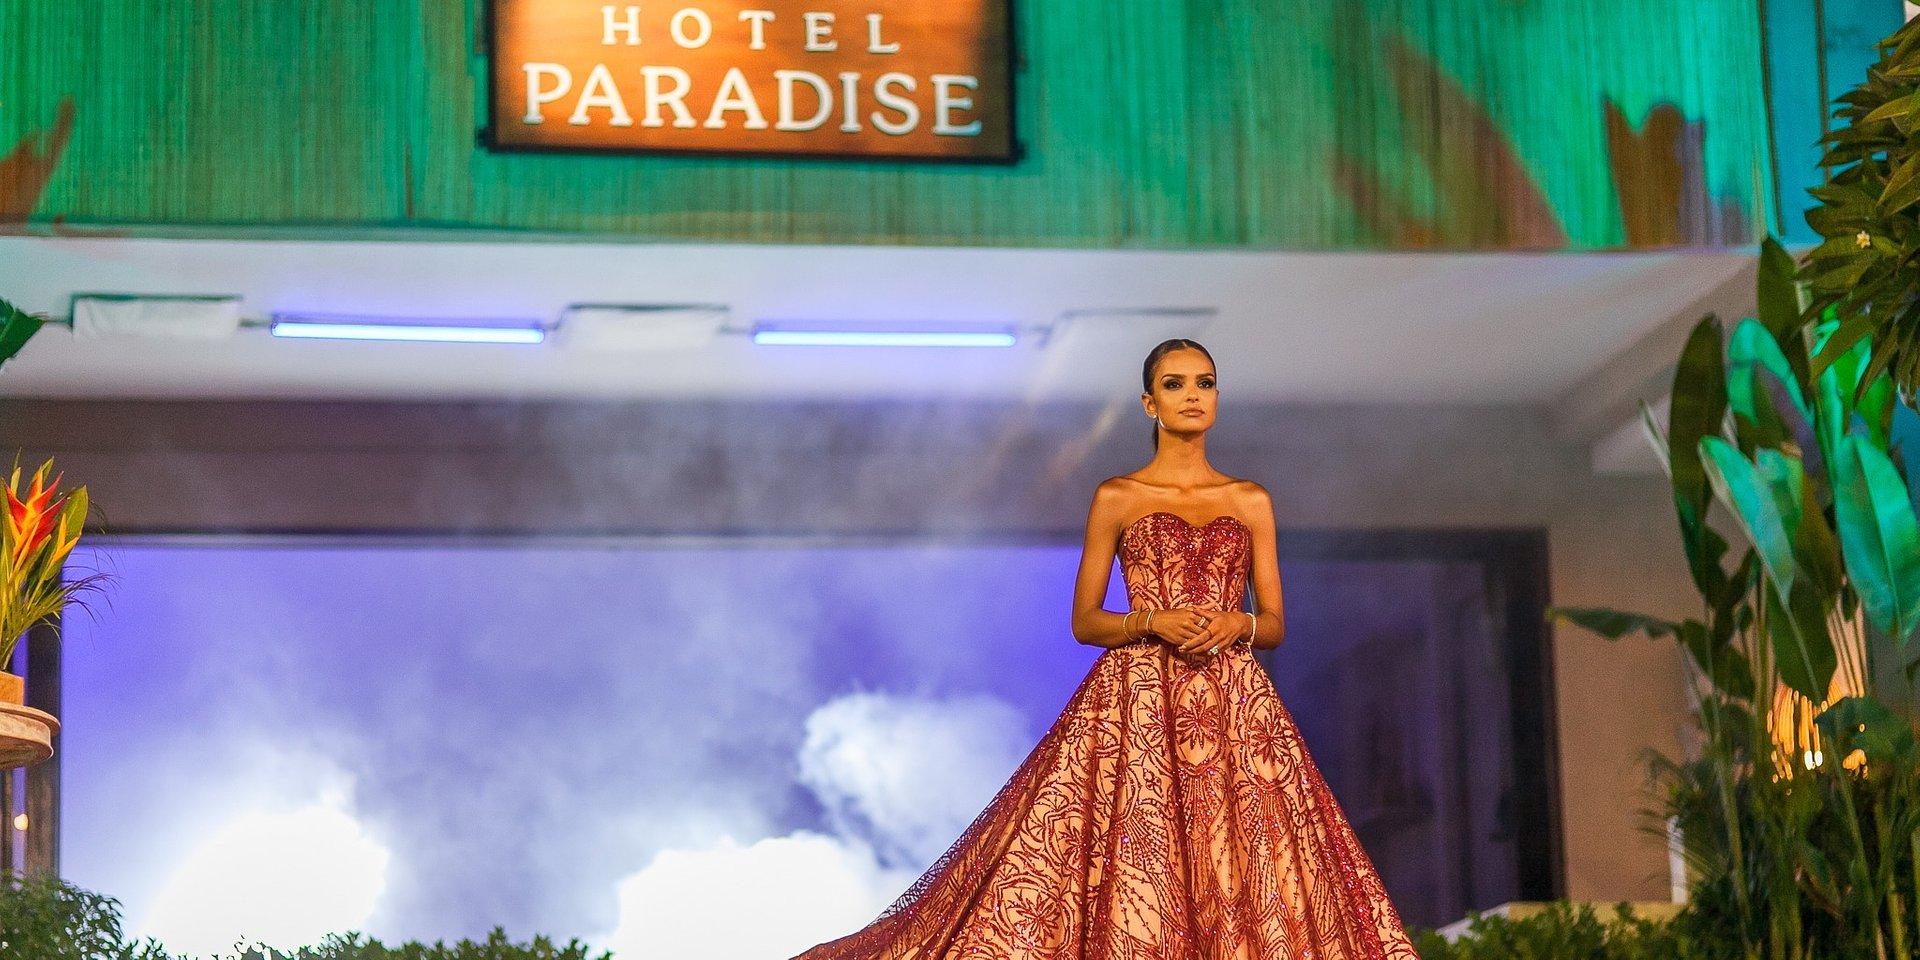 Finał drugiej edycji Hotelu Paradise już 19 listopada na antenie Siódemki!